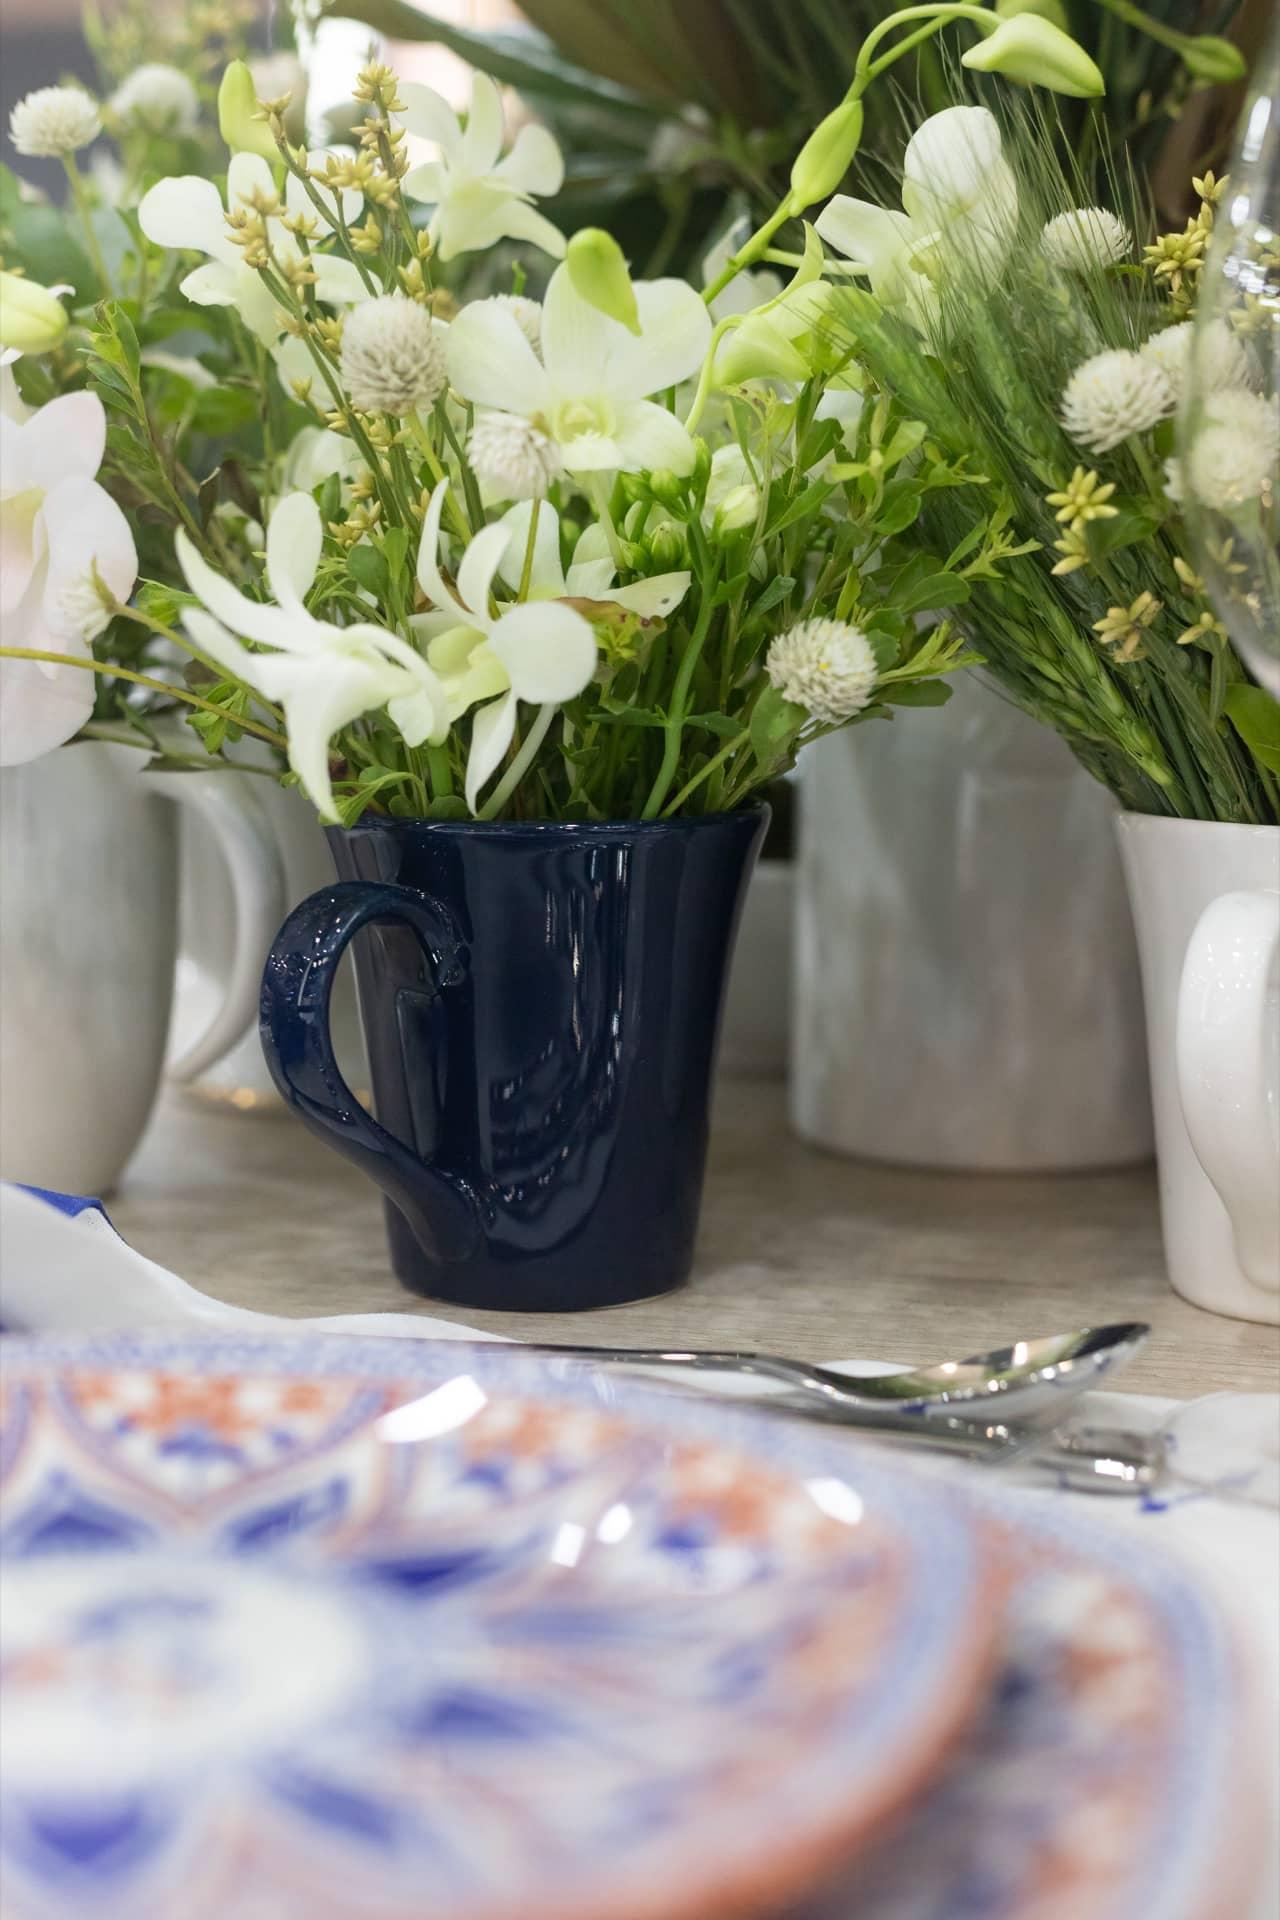 Imagem: No centro da mesa, o arranjo floral foi feito em jarras, bowls, açucareiros e canecas. Como as alturas são variadas, o efeito é especial. Quer mais dicas de como inovar nos arranjos de flores para a mesa? O Puxe uma Cadeira tem dicas especiais nesse post aqui. Foto: Carolina Prieto.